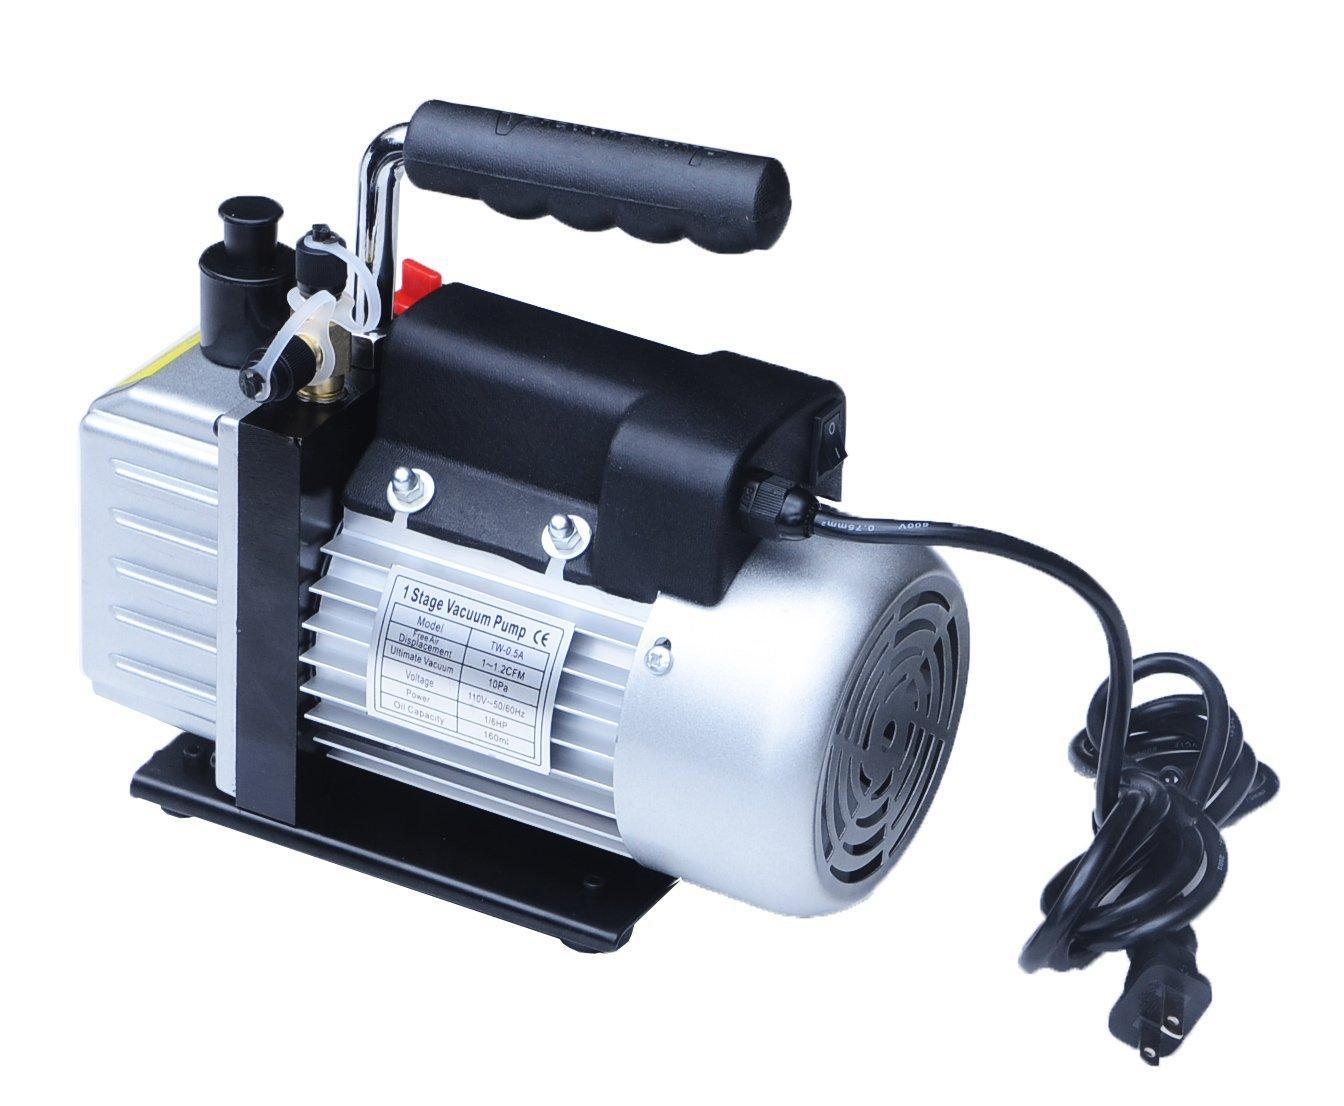 真空ポンプ 電動真空ポンプ 小型 シングルステージ エアパージ 家庭用エアコン カーエアコン ルームエアコン 窓エアコン メンテに大活躍 真空 ポンプ 電動 車 ガス 充填 修理 送料無料 A68N05